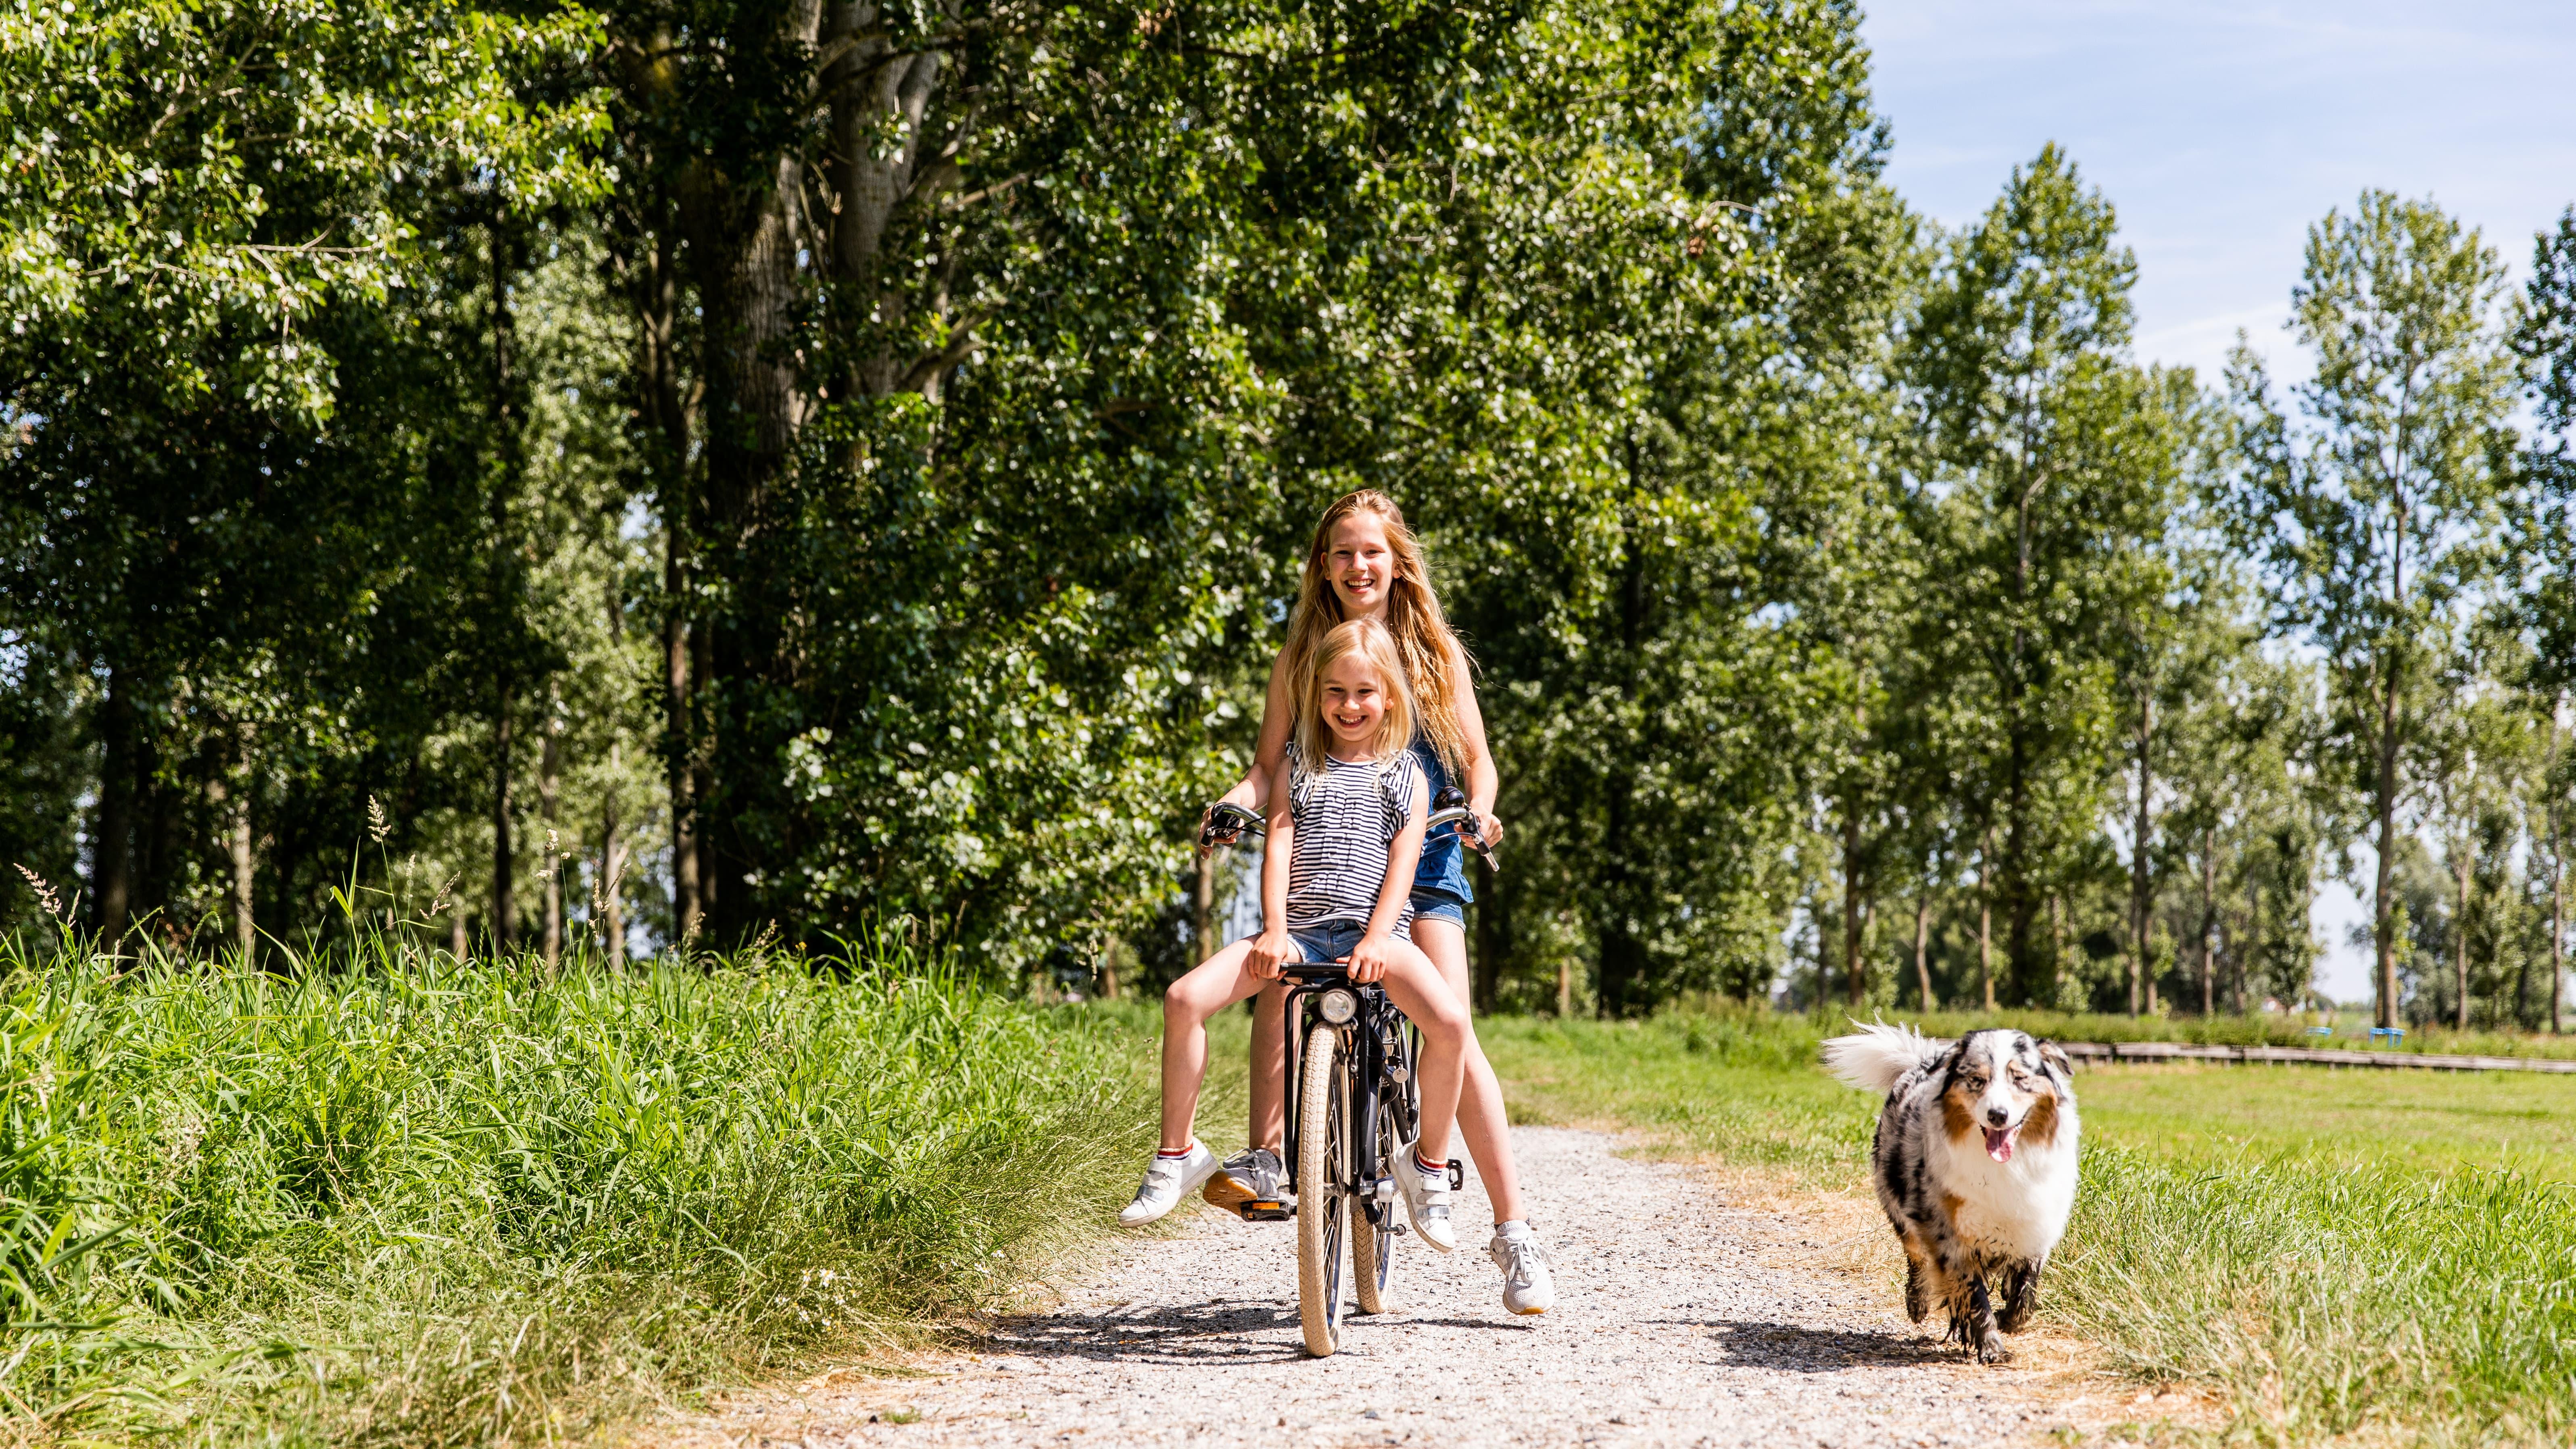 Parc de IJsselhoeve Zuid holland